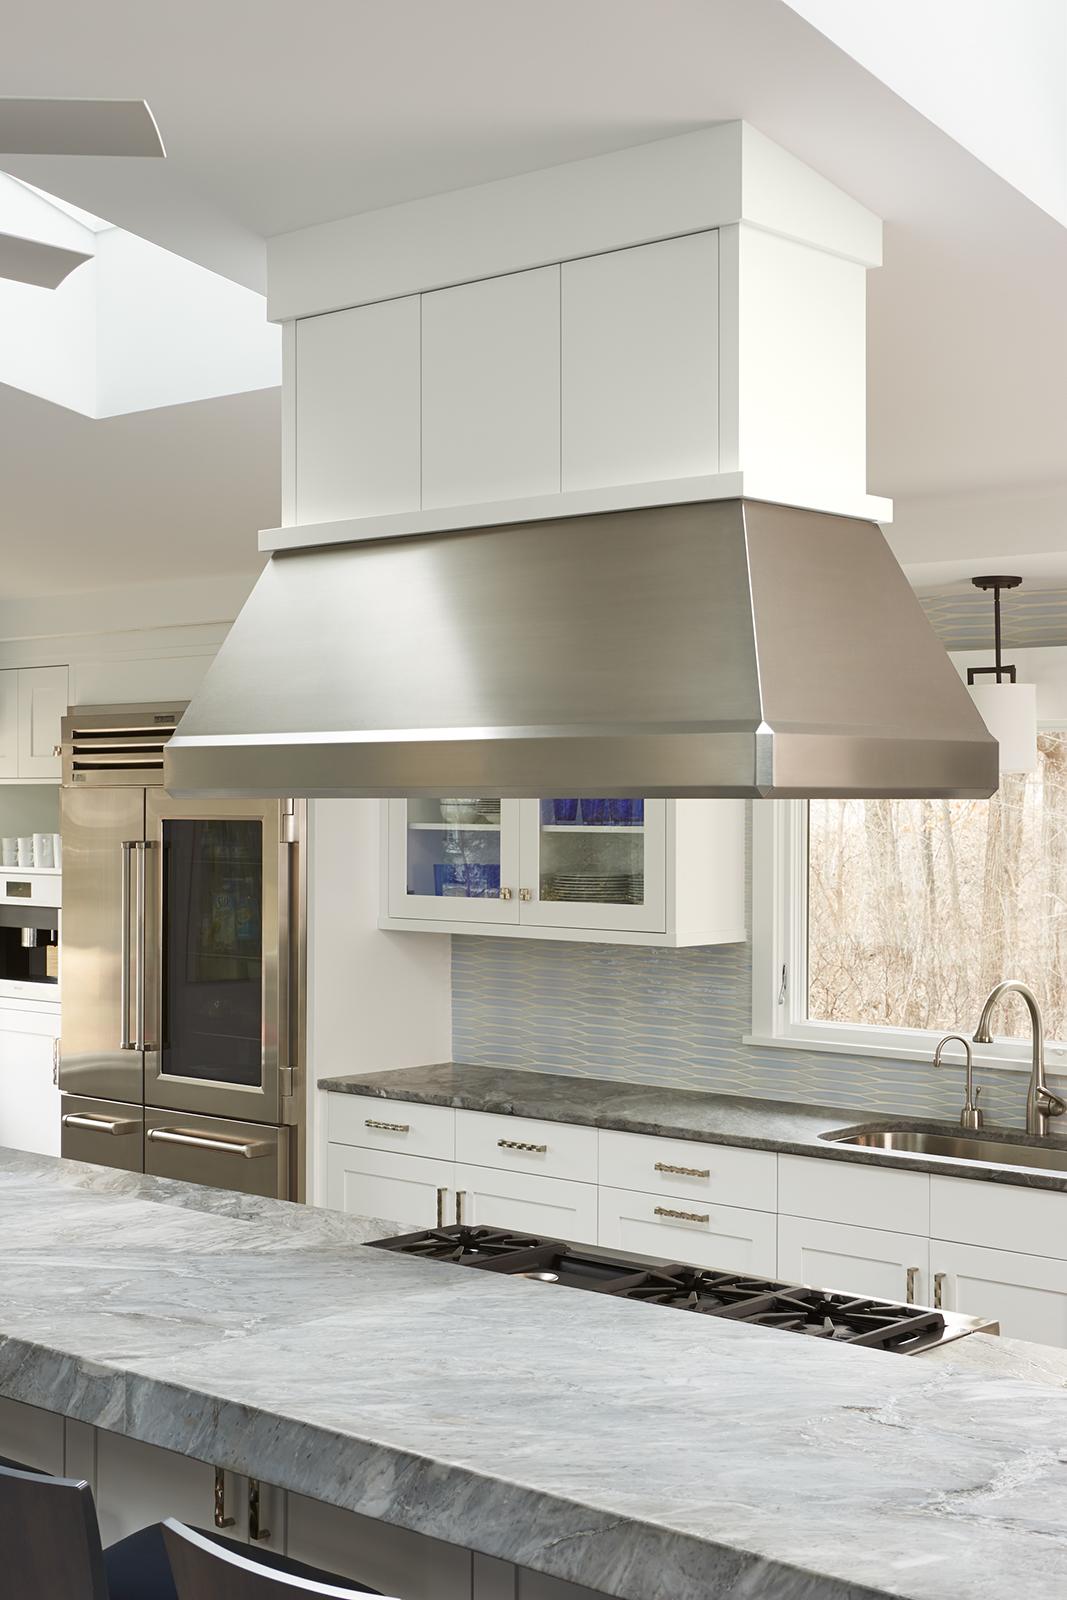 Edina_hood_range_kitchen.jpg